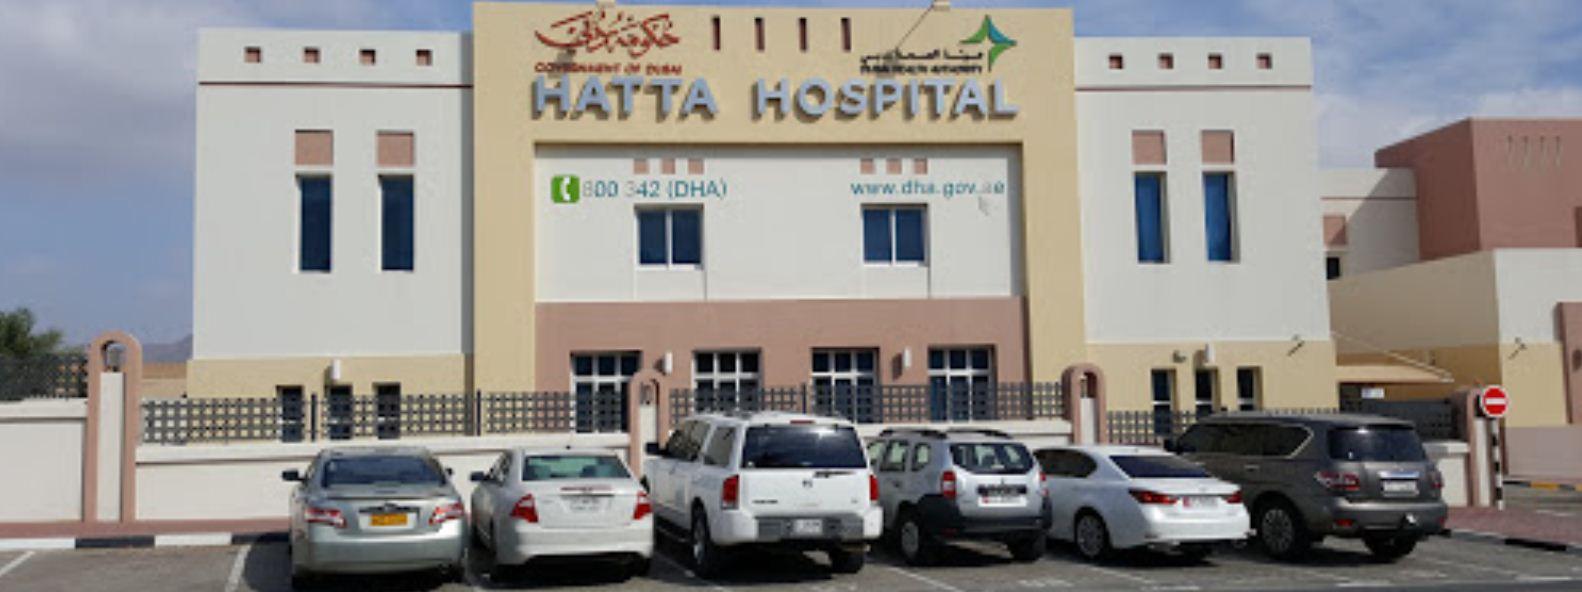 Hatta Hospital in Hatta